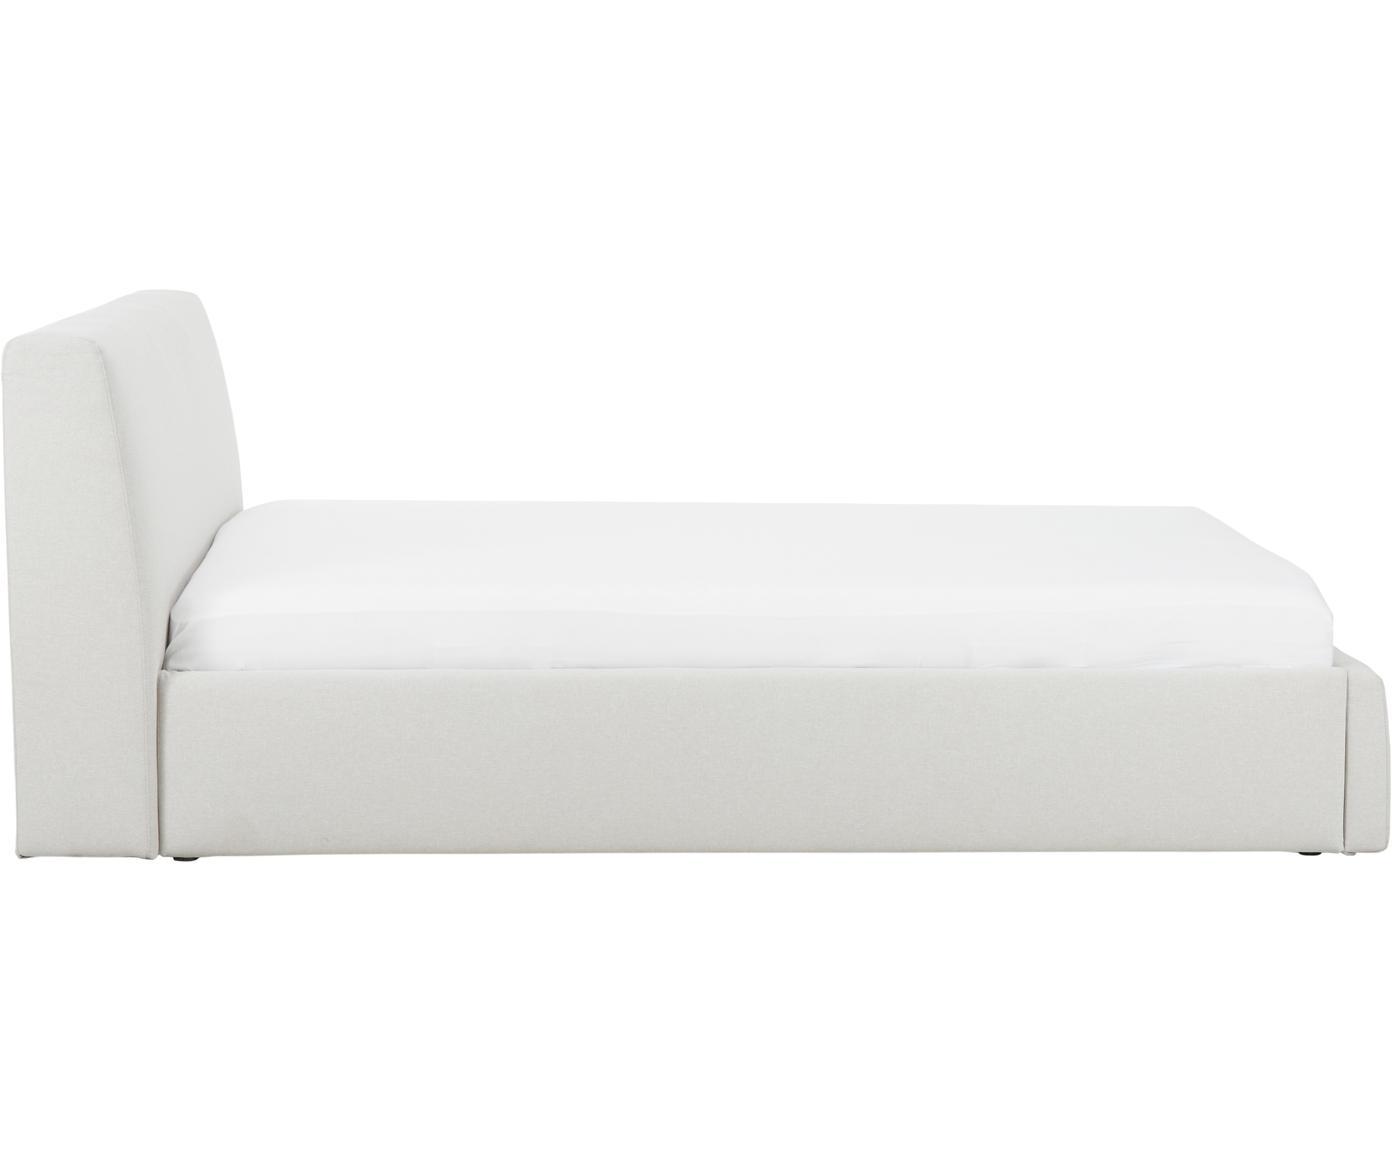 Letto imbottito con contenitore Cloud, Rivestimento: Poliestere (tessuto strut, Beige, 180 x 200 cm